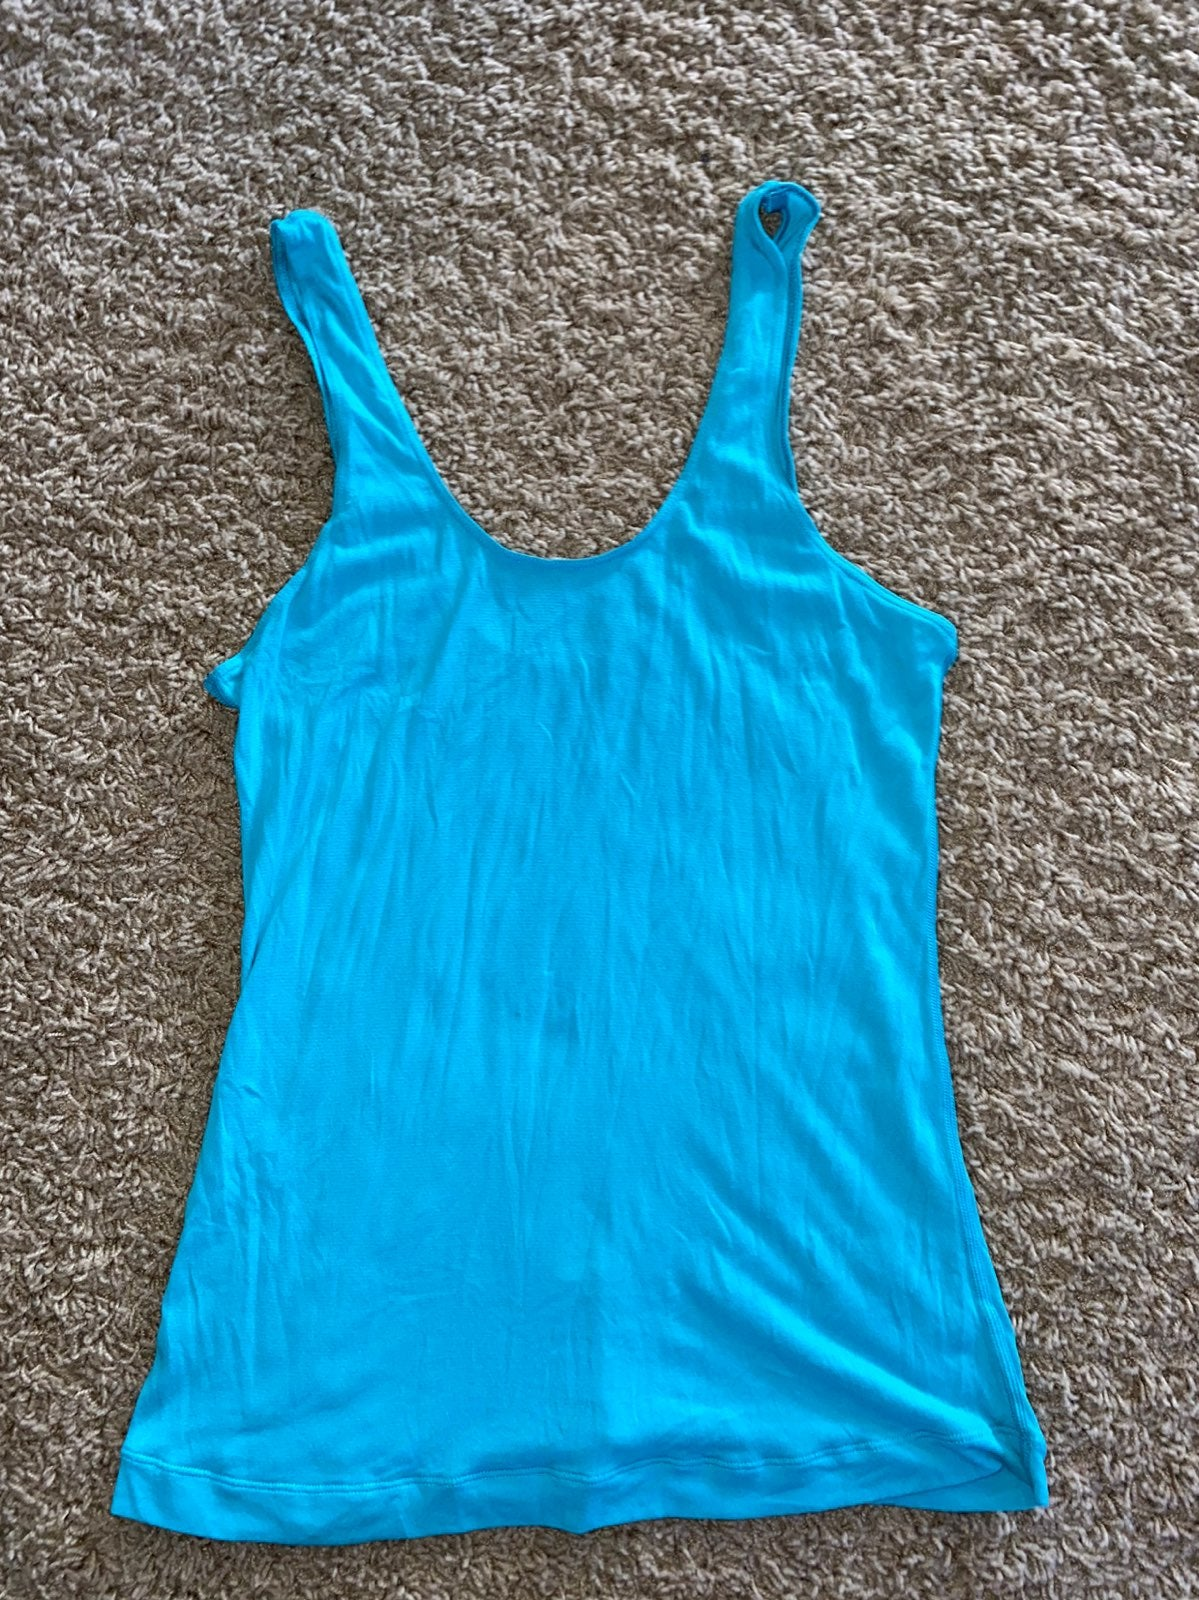 Women's Lululemon lightweight tank top